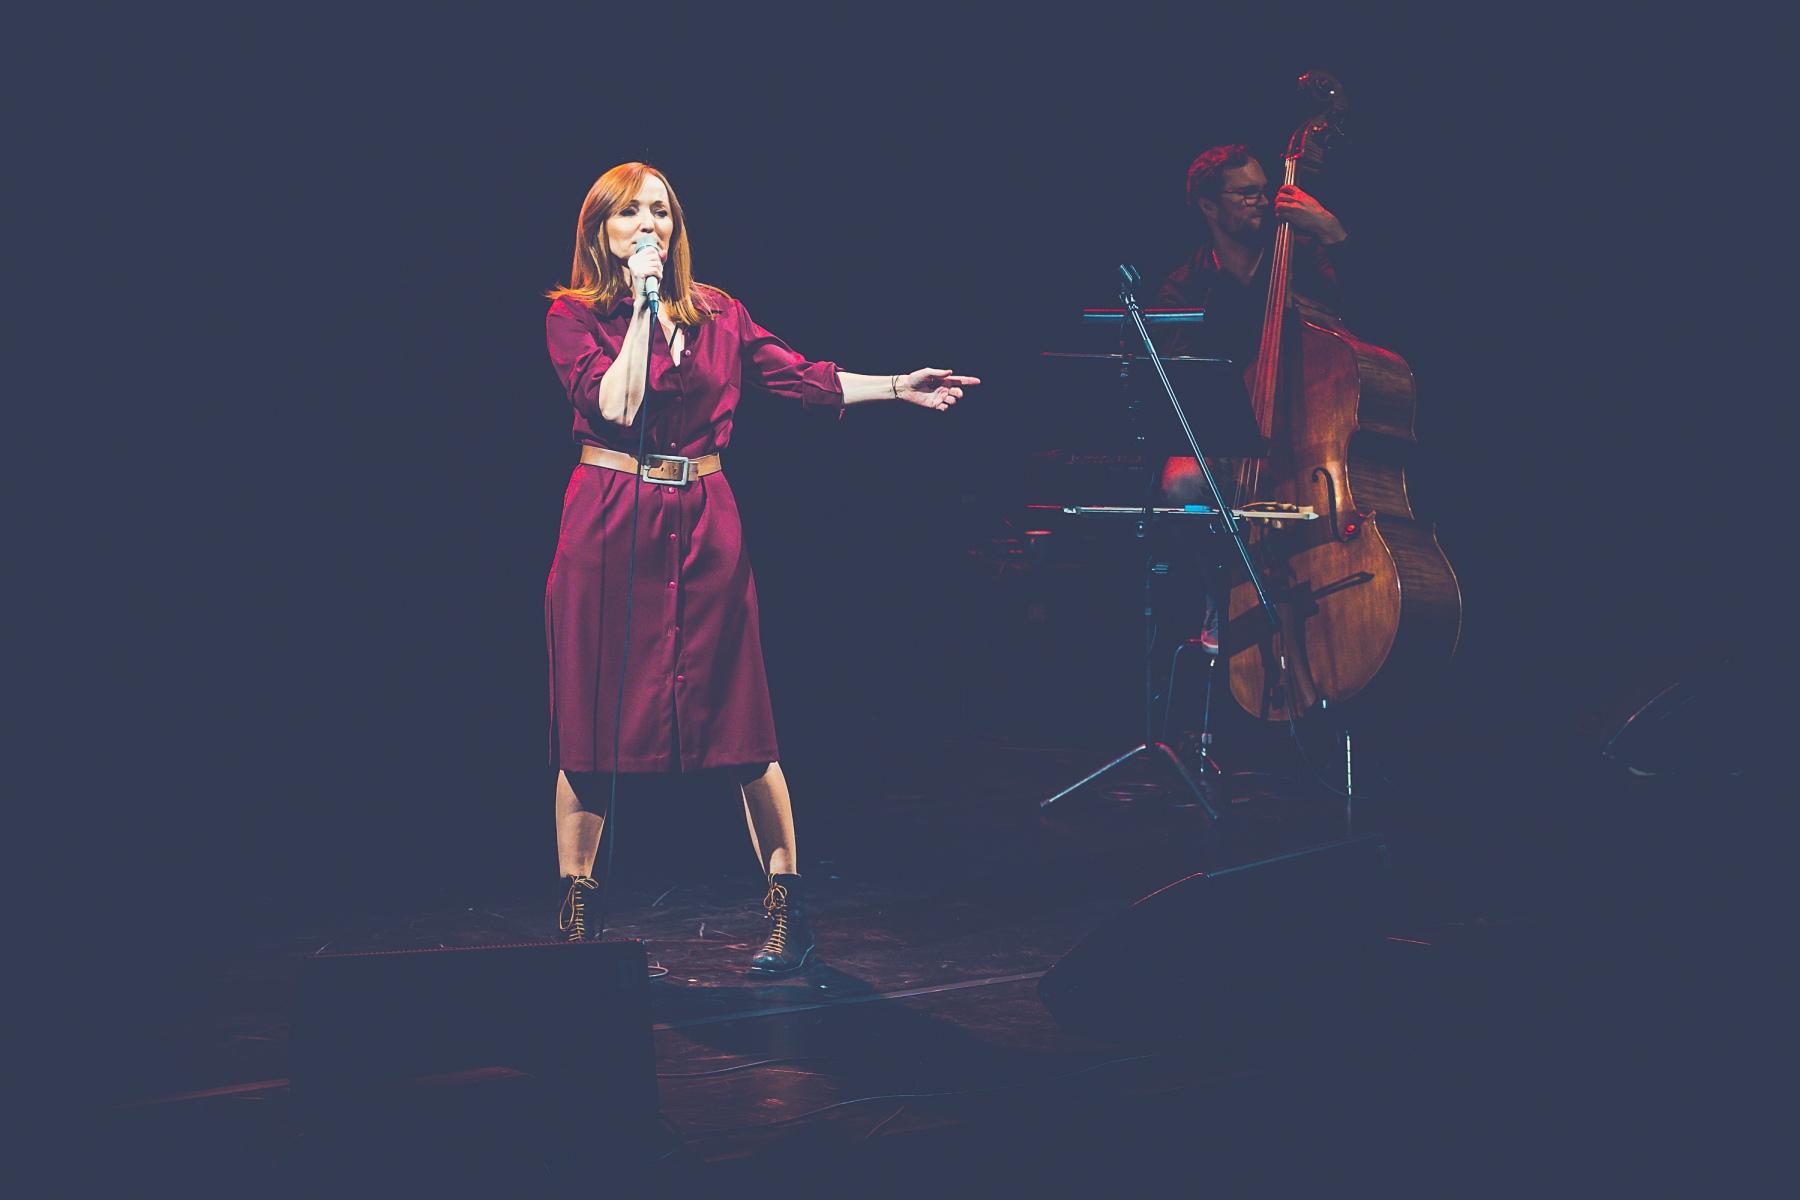 Po lewej stronie śpiewa Justyna Szafran. W prawej ręce trzyma mikrofon, lewą ma uniesioną na bok. Z prawej strony, w głębi sceny Jakub Olejnik gra na kontrabasie.